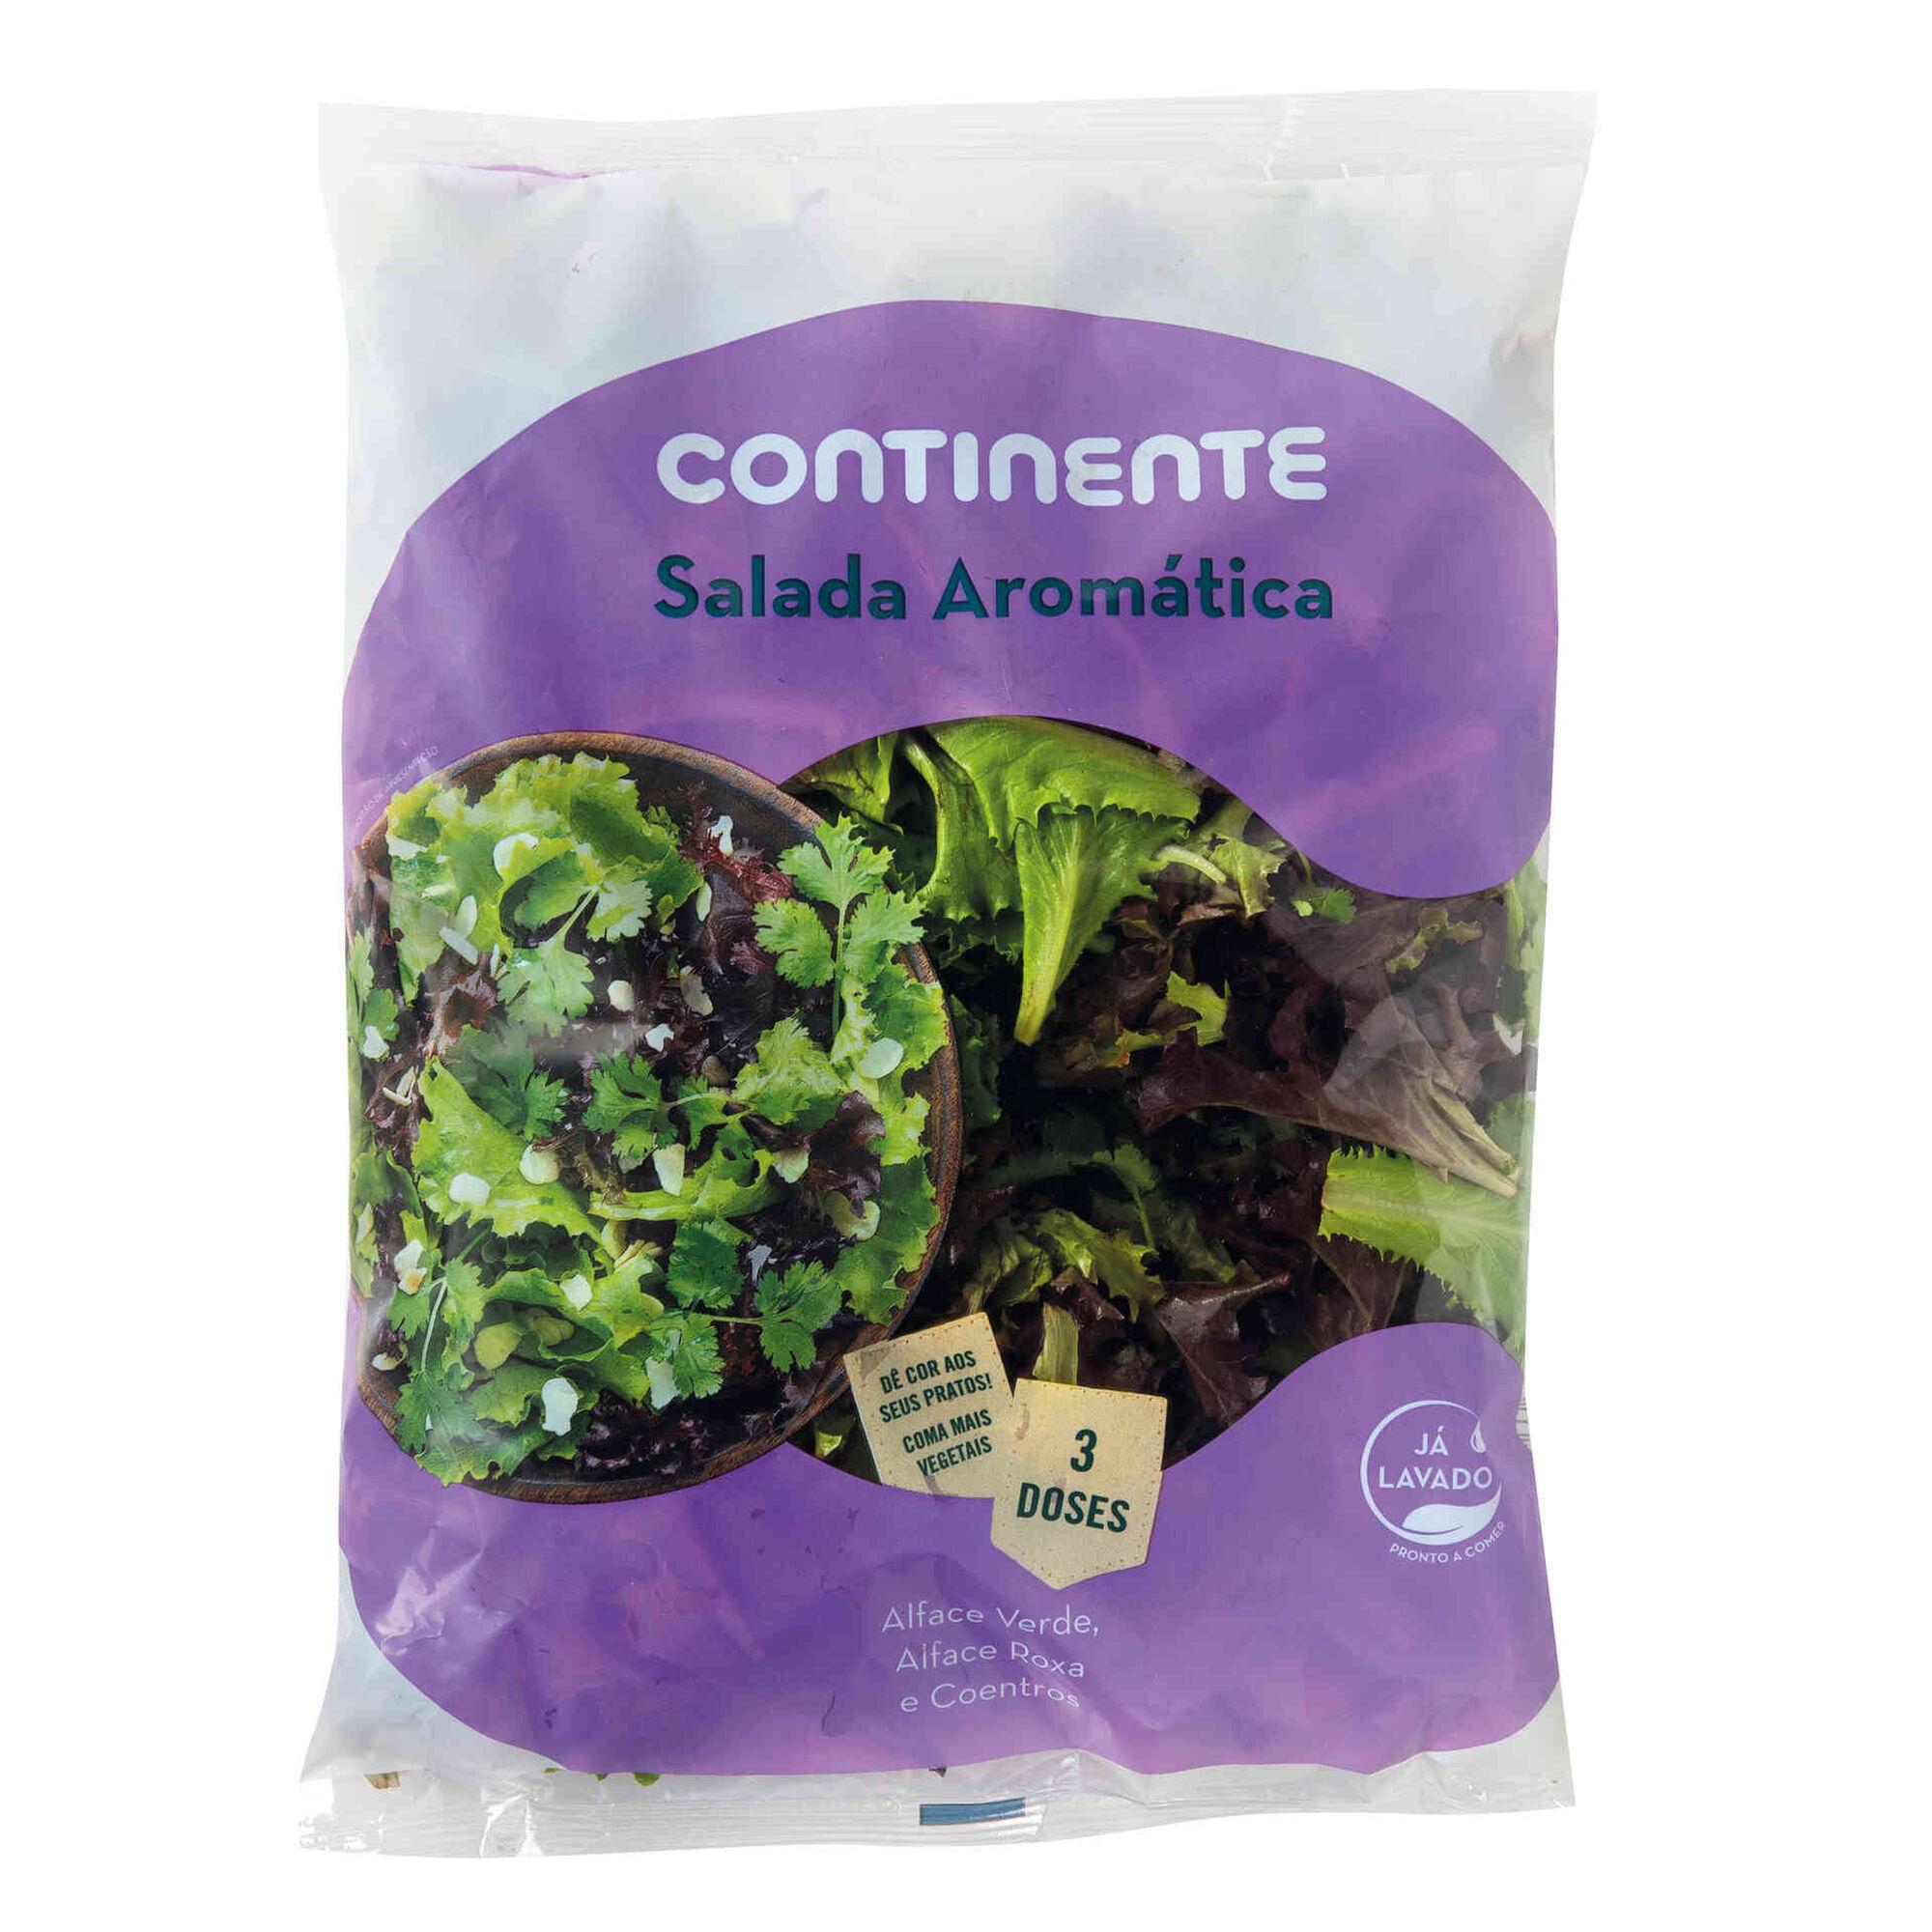 Salada Aromática